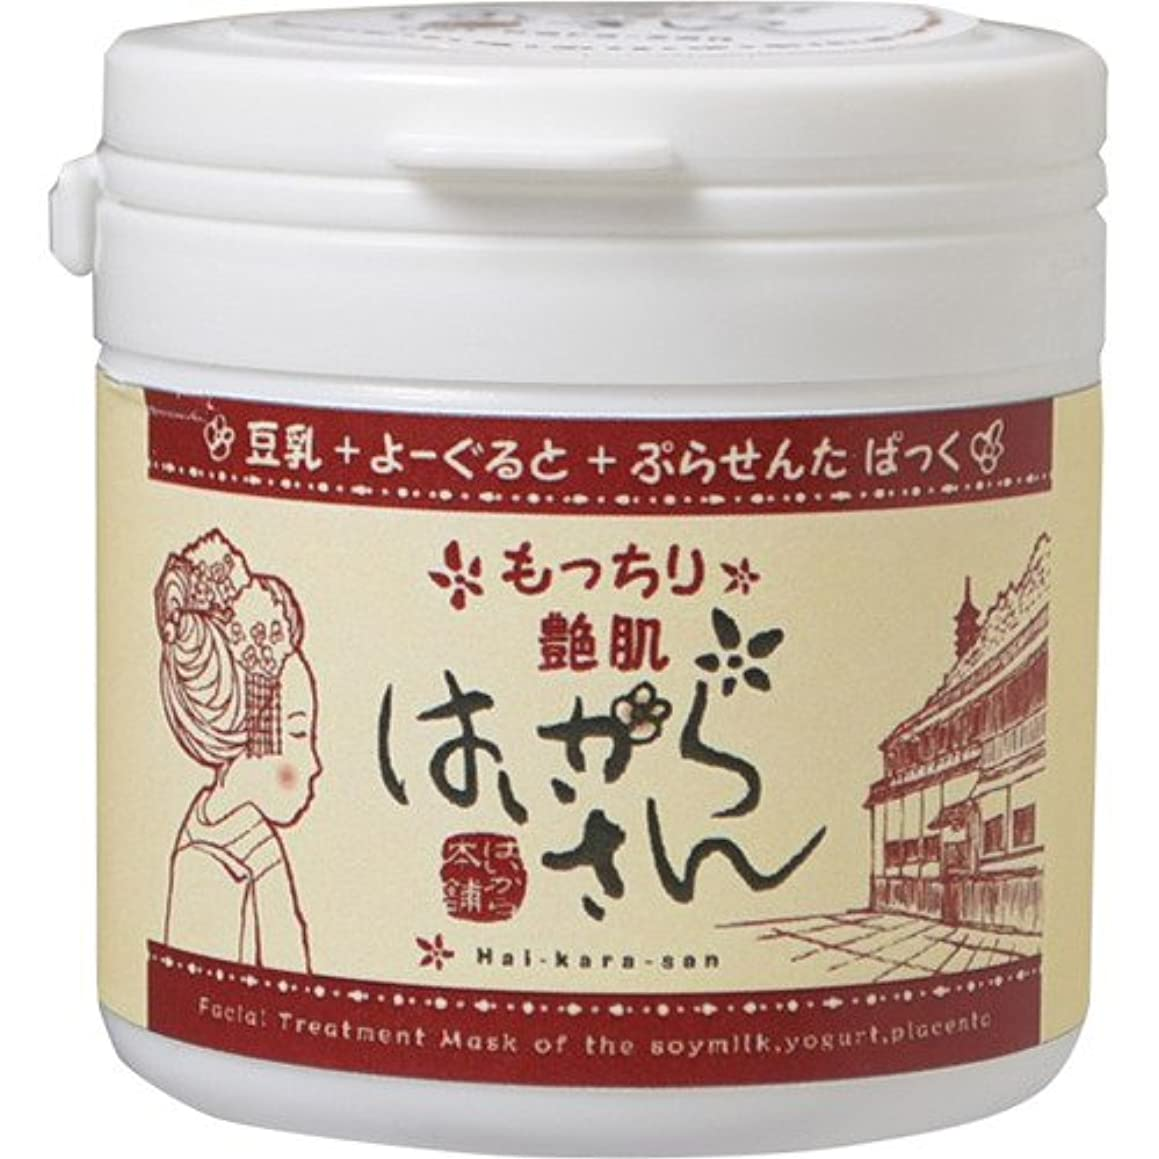 銅赤字任意進製作所 豆乳よーぐるとぱっく はいからさん 150g